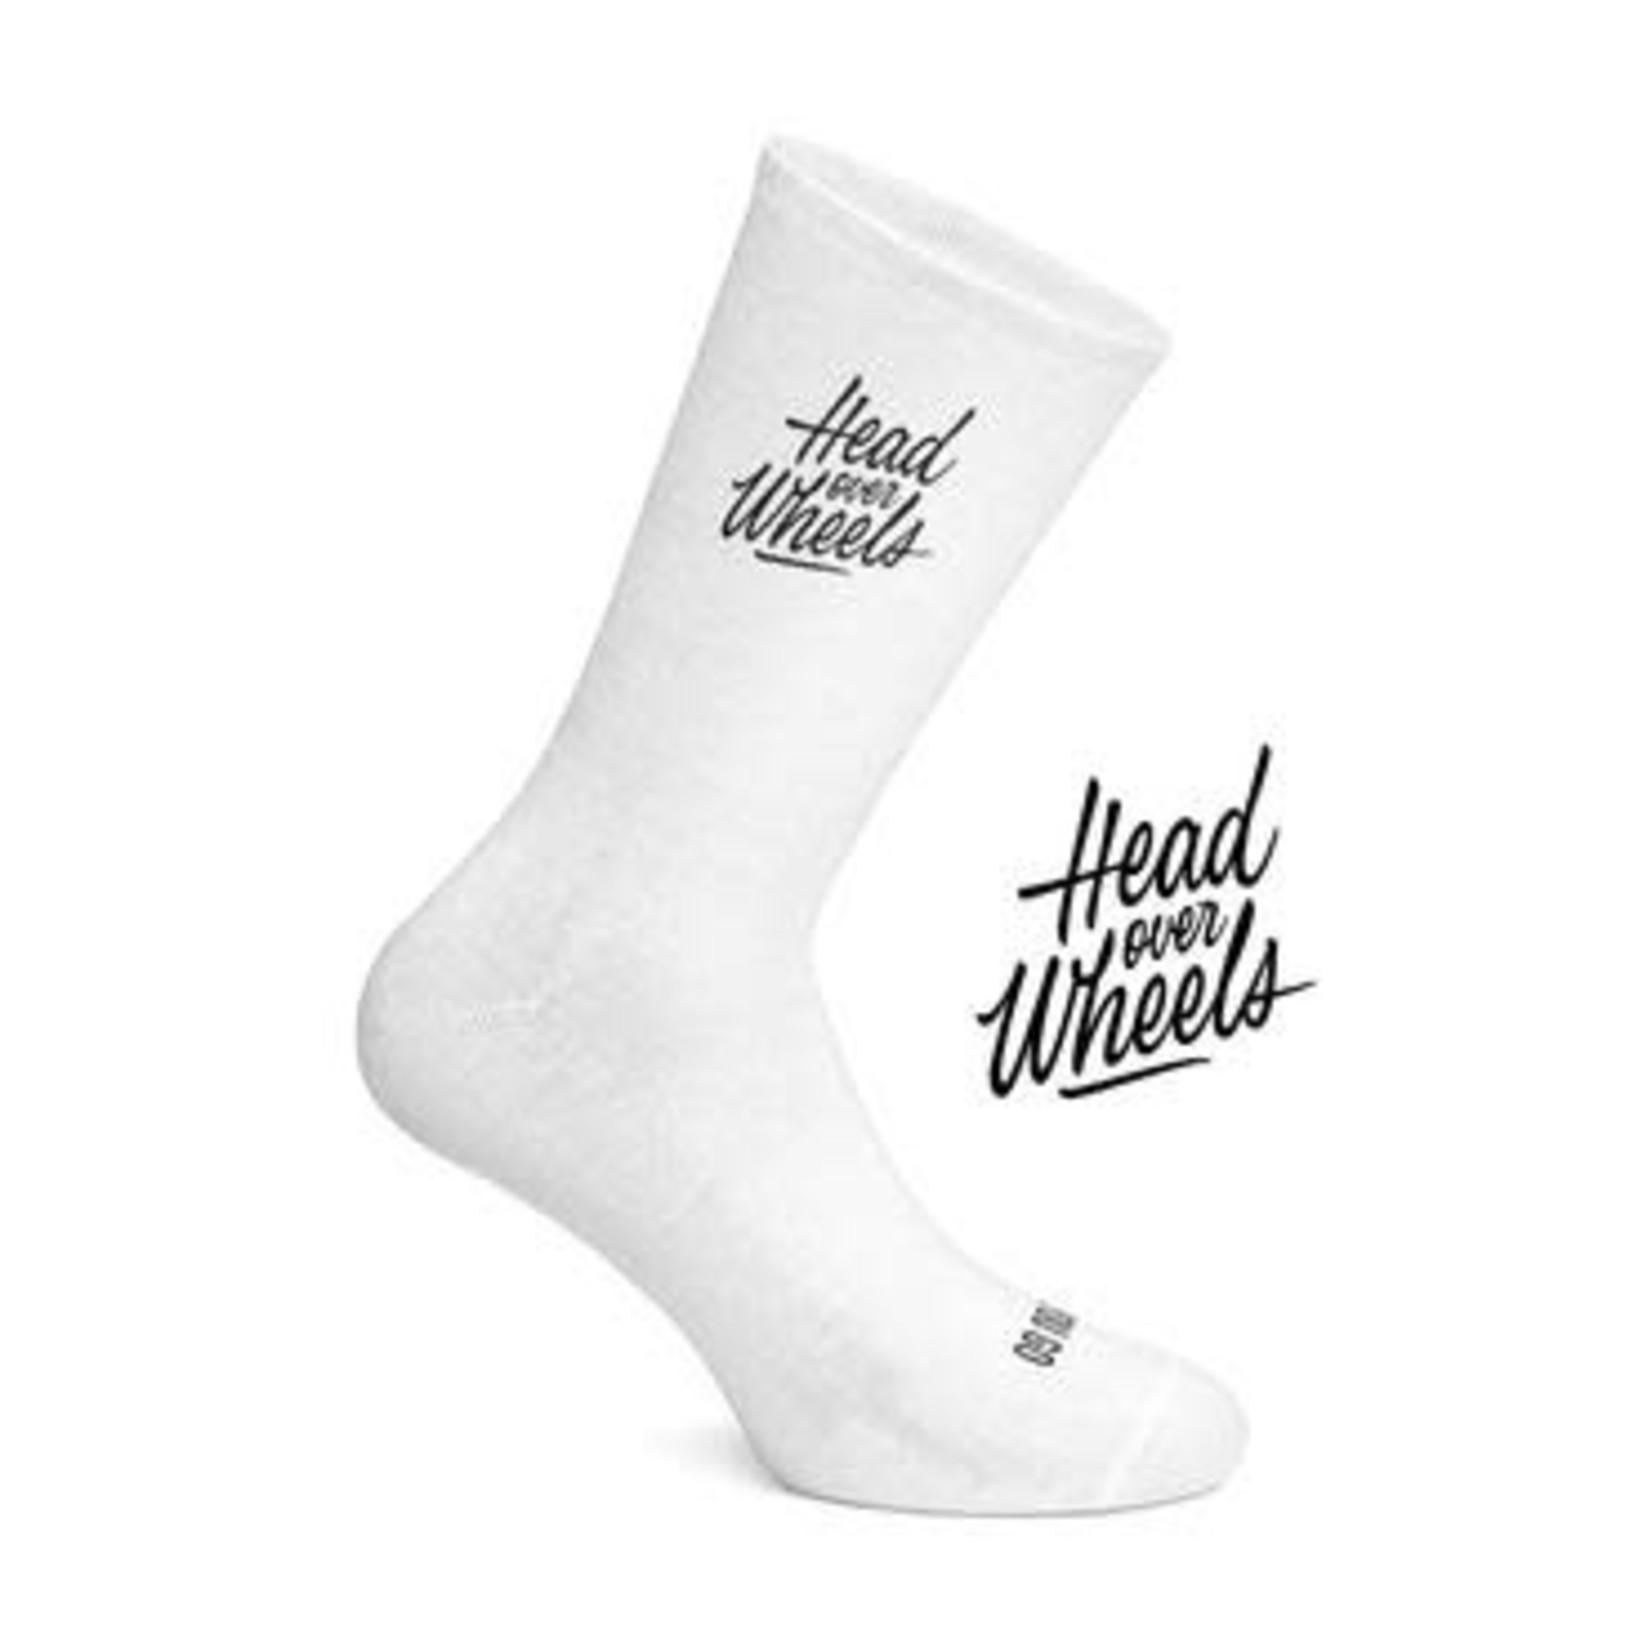 Socks-'Head Over Wheels' white